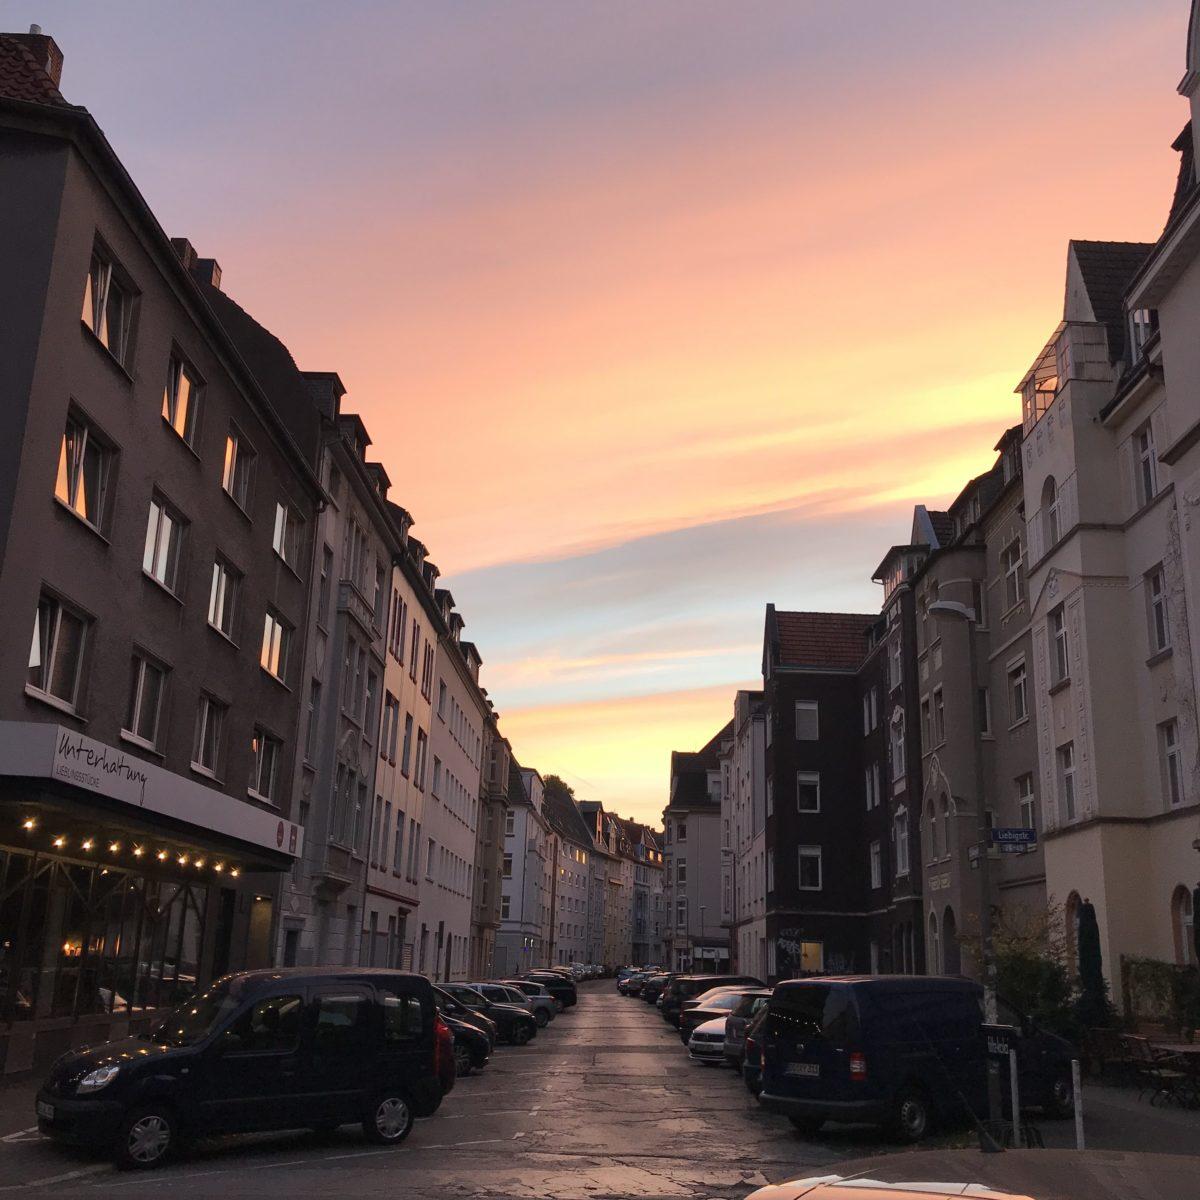 Sonnenaufgang im Kreuzviertel